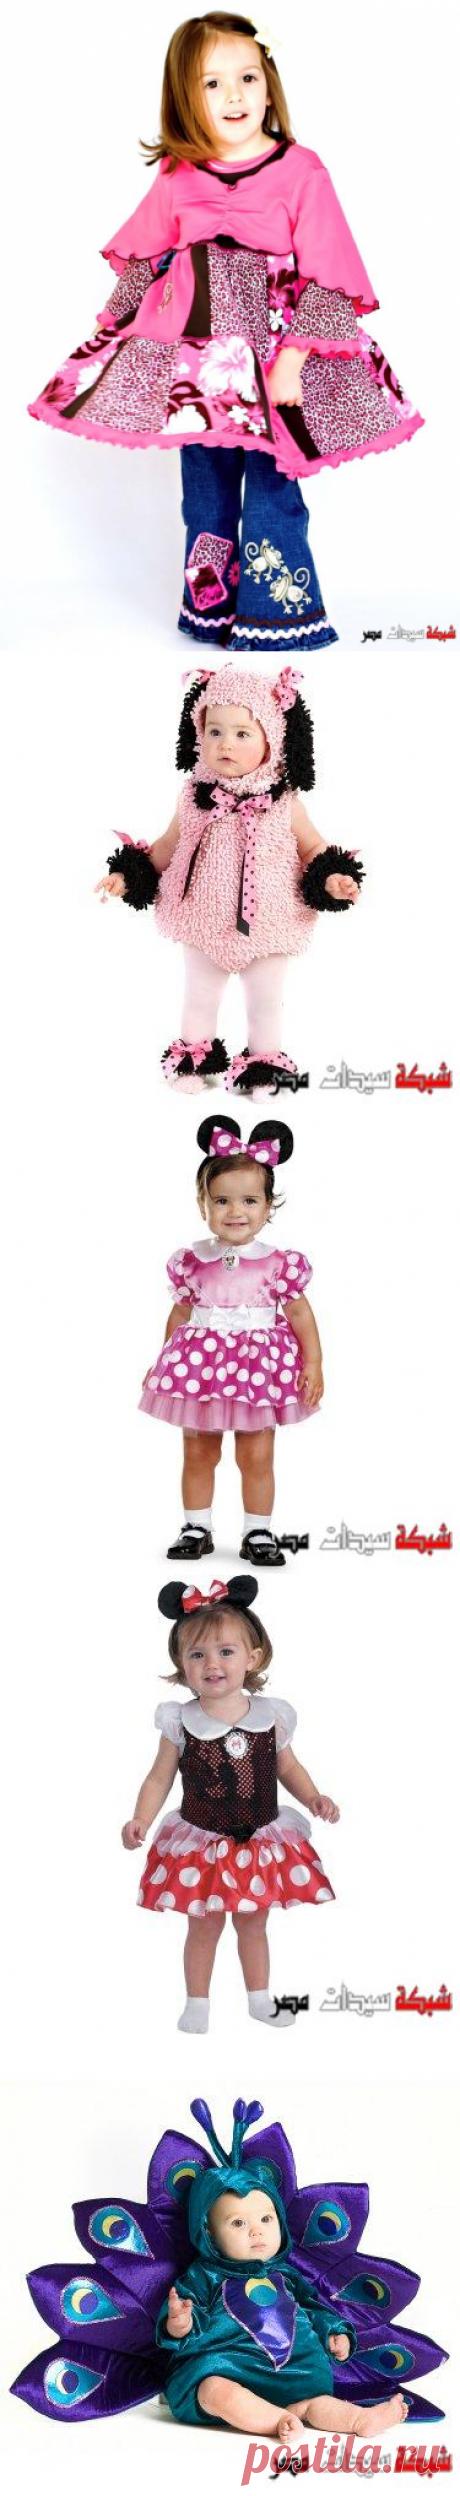 ملابس اطفال 2020 ,ازياء تنكريه لشخصيات ديزنى للبنوتات